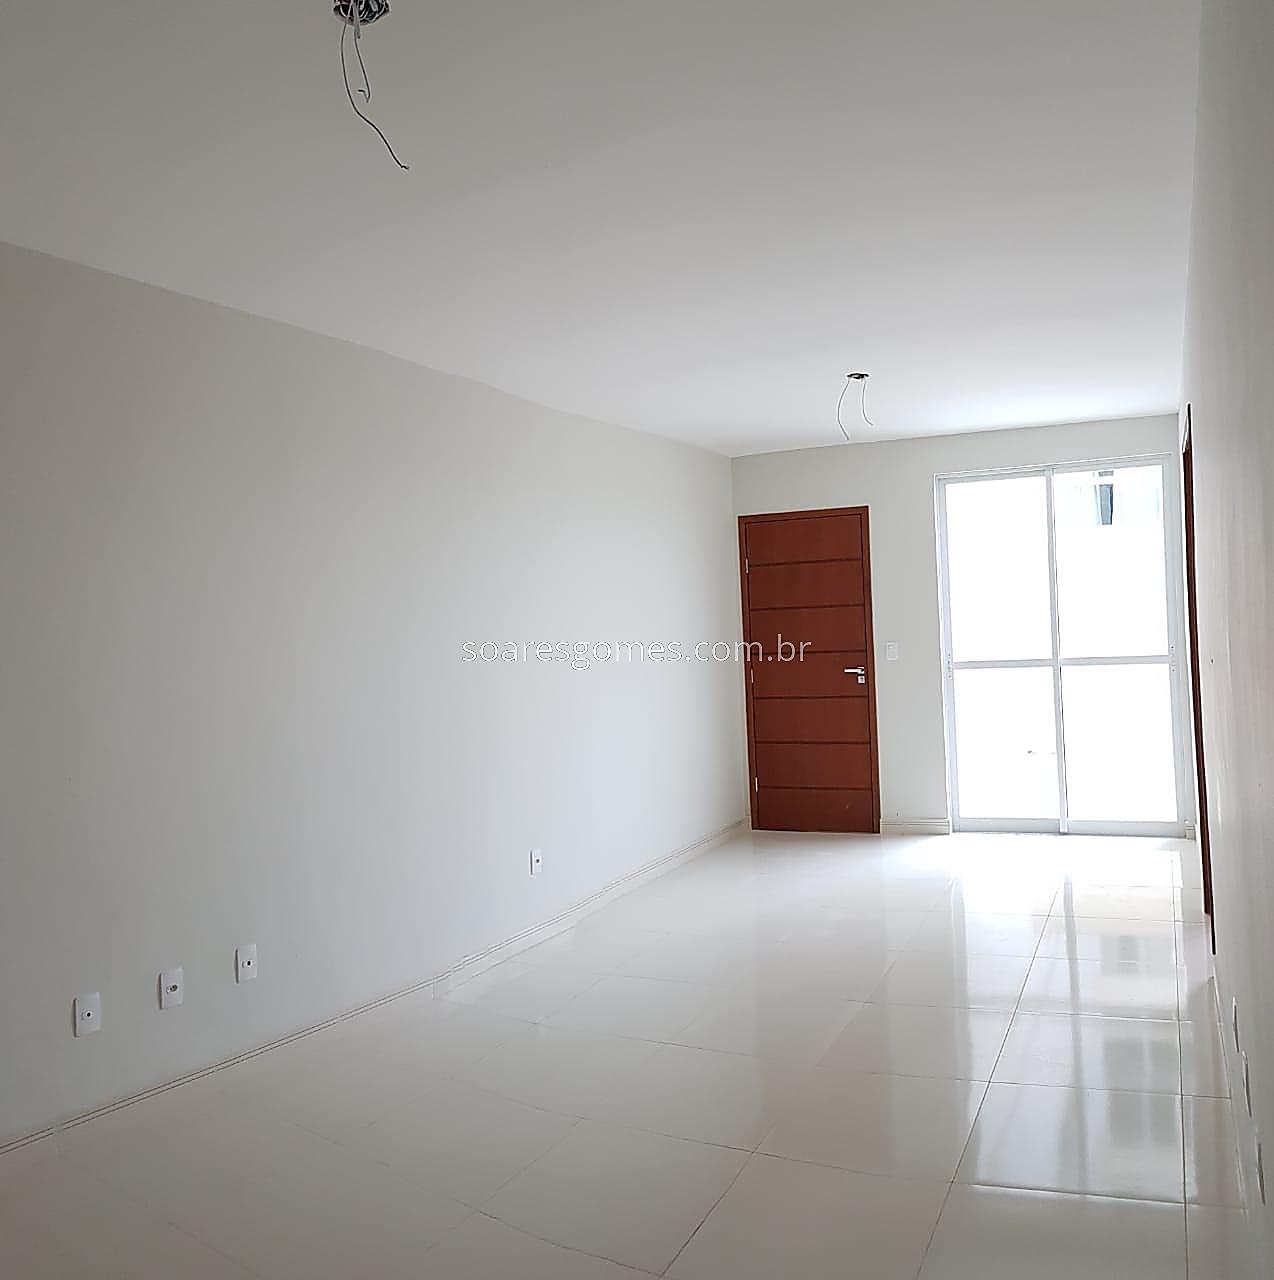 Apartamento à venda em Granbery, Juiz de Fora - MG - Foto 17